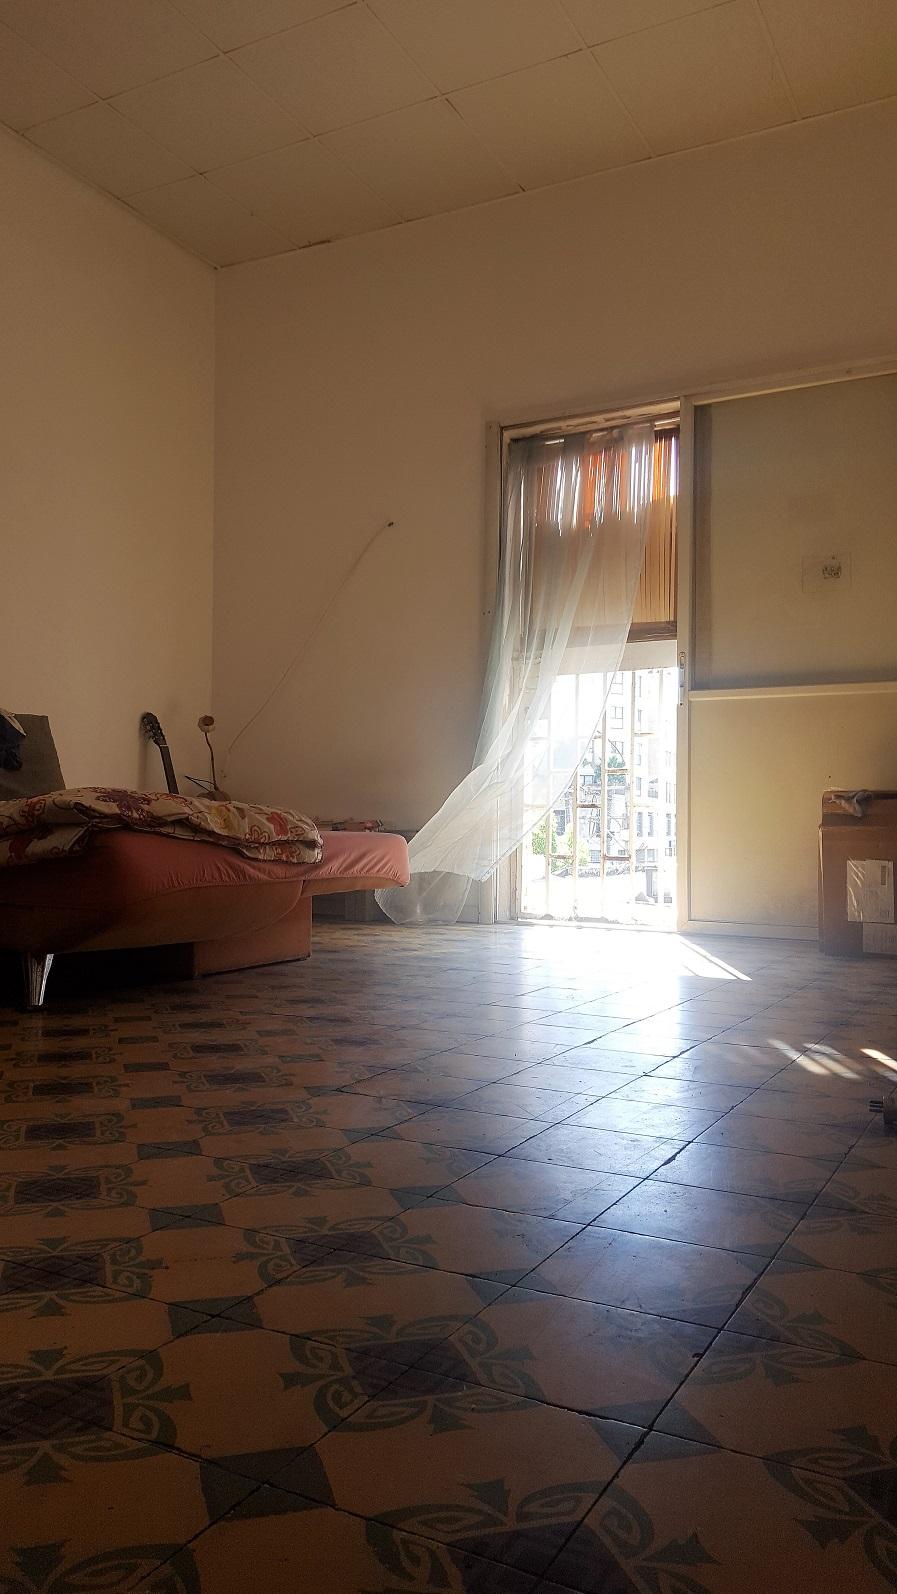 דירה משופצת בפאתי נוגה- פוטנציאל למשקיעים 2,090,000